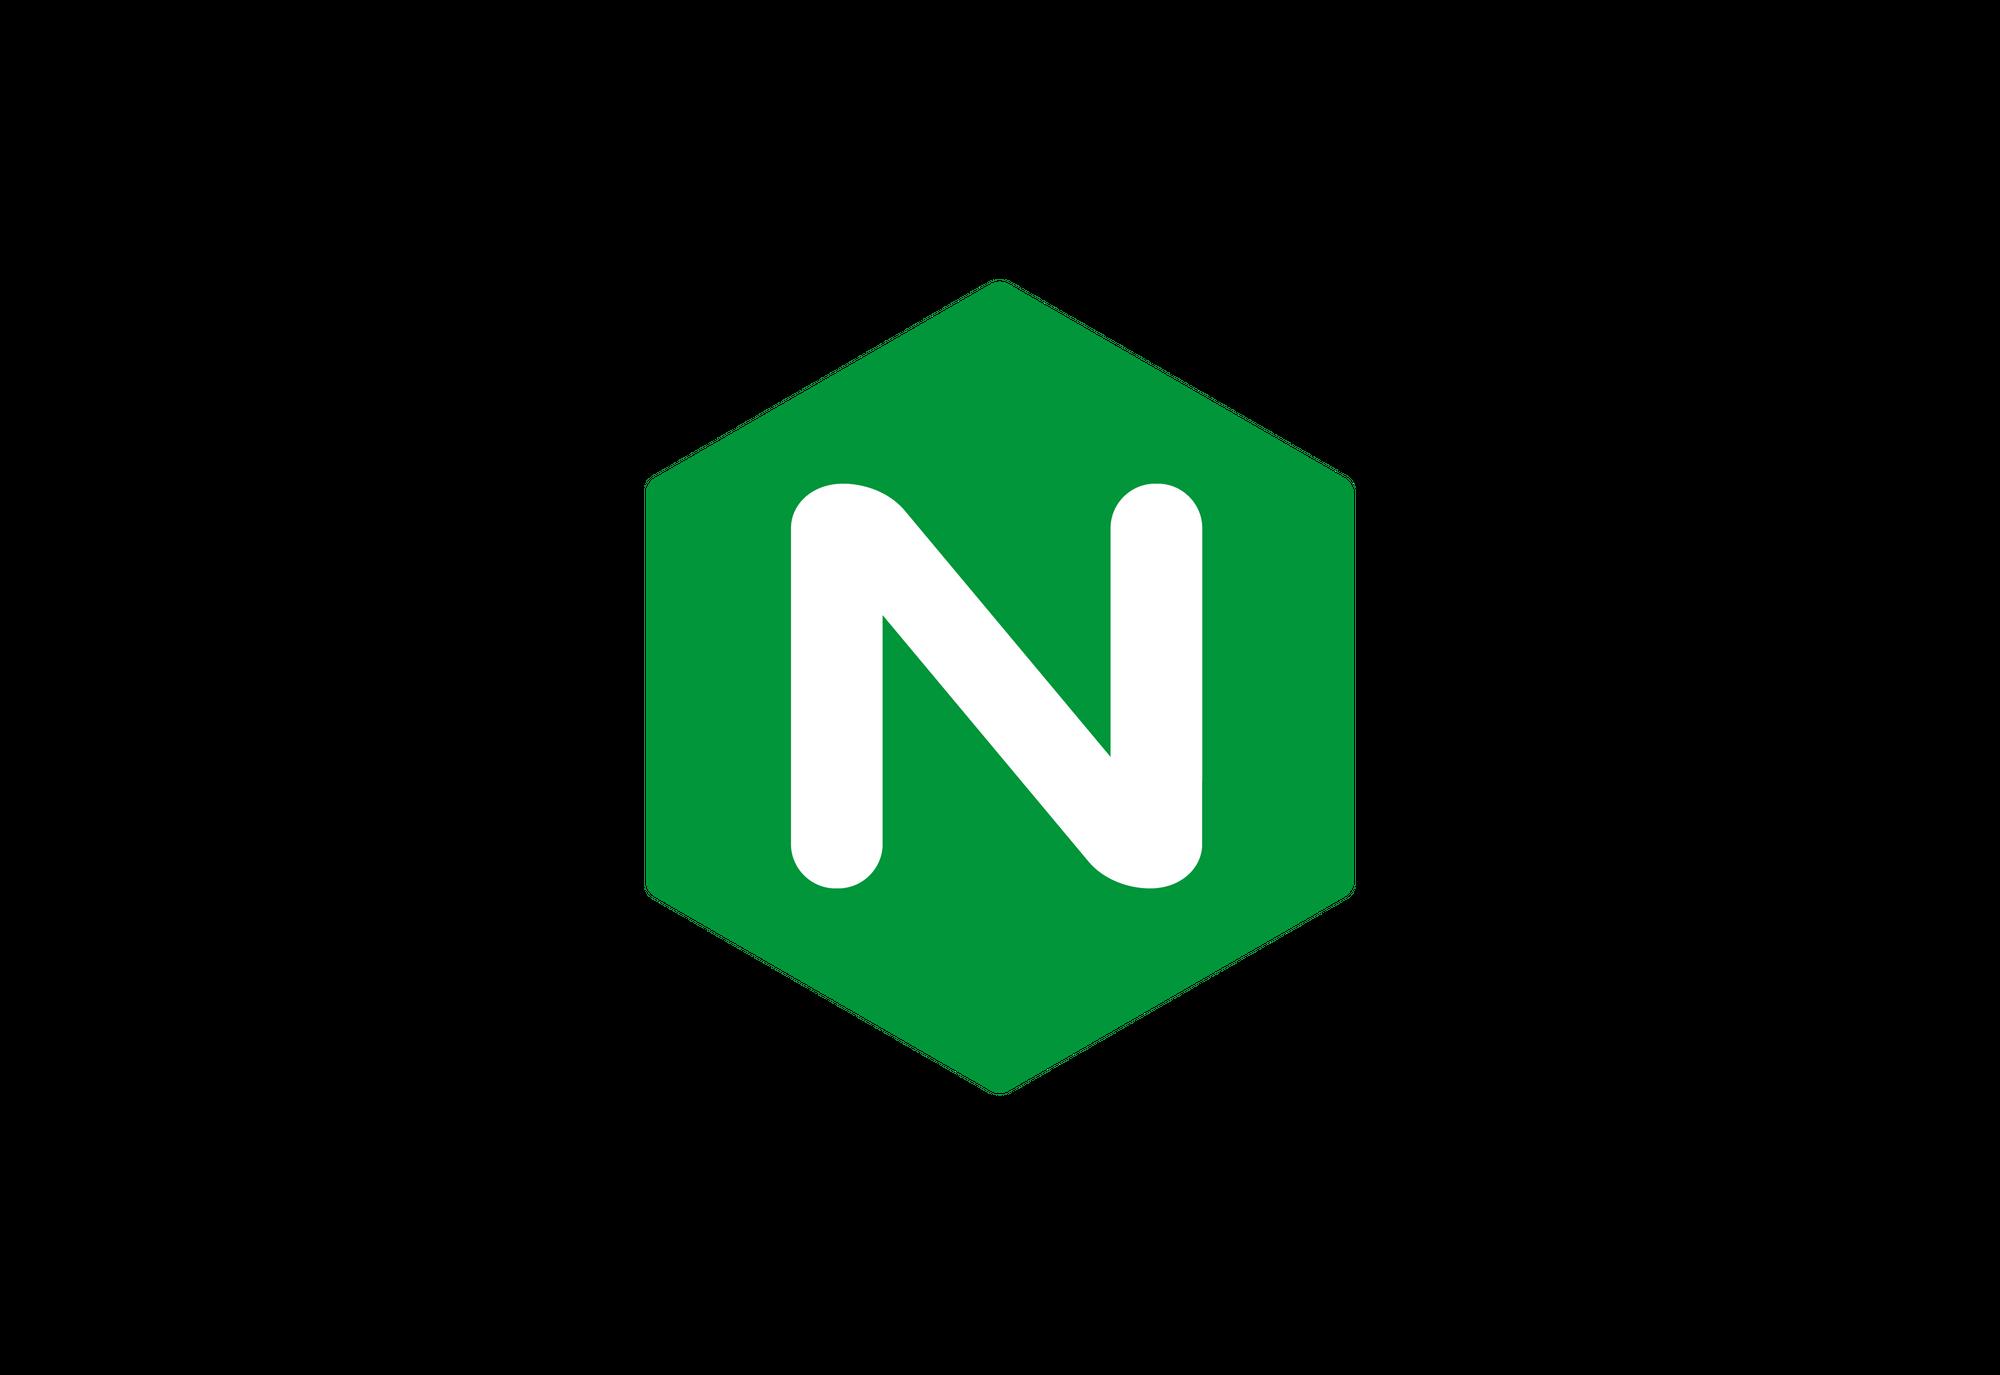 nginx의 기본적인 설정들을 알아보자